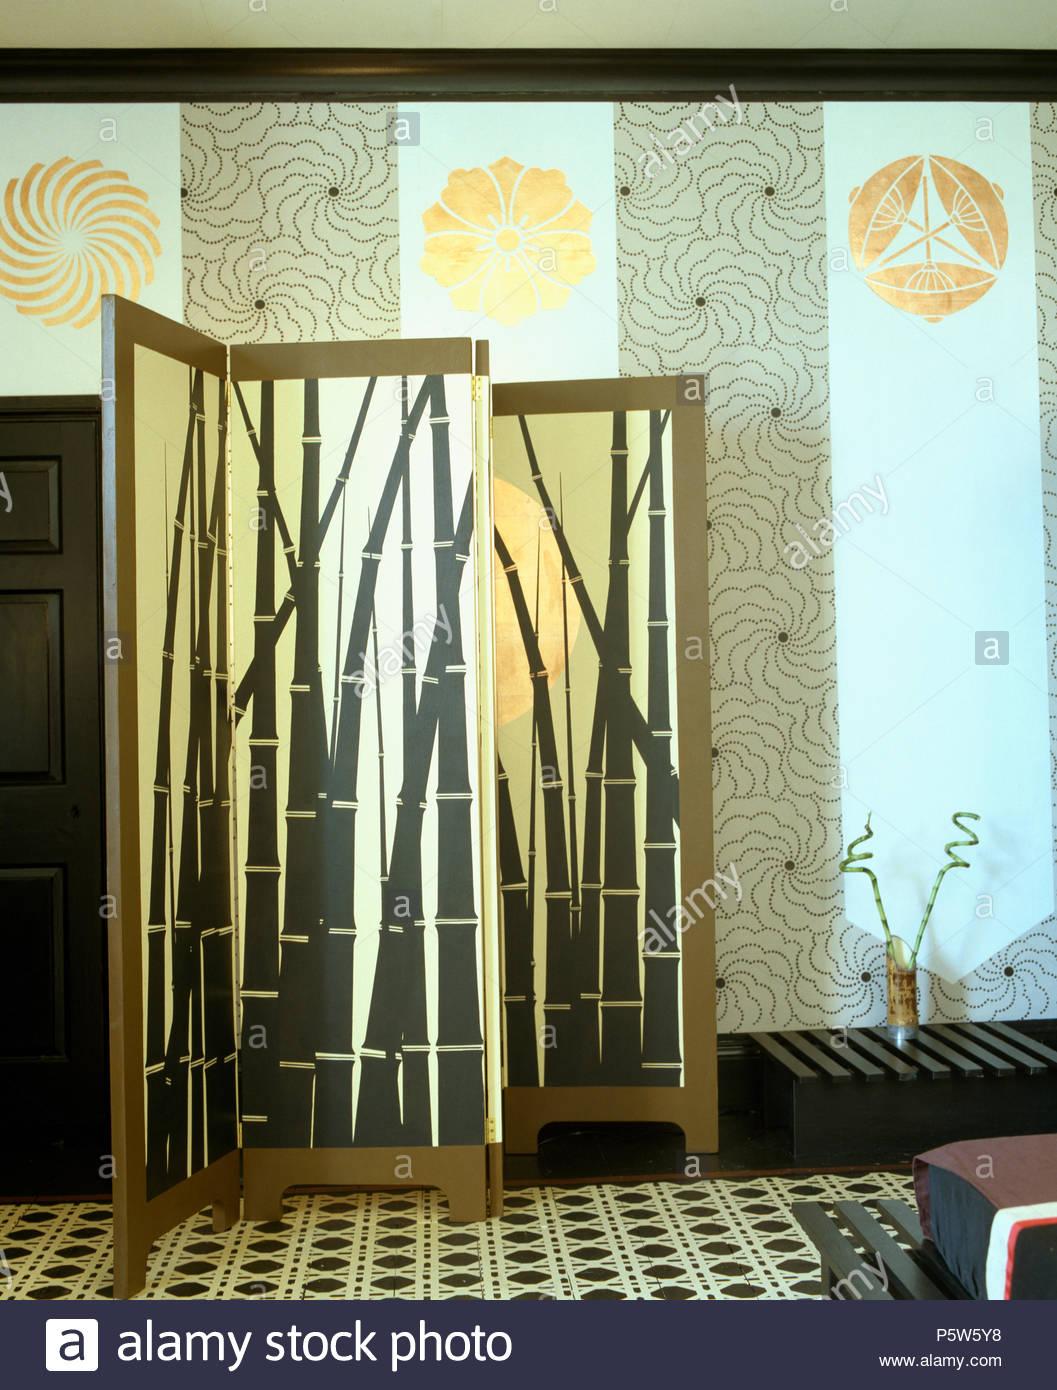 Full Size of Paravent Bambus Malte Mit Motiv Gegen Stenciled Wnde Bett Garten Wohnzimmer Paravent Bambus